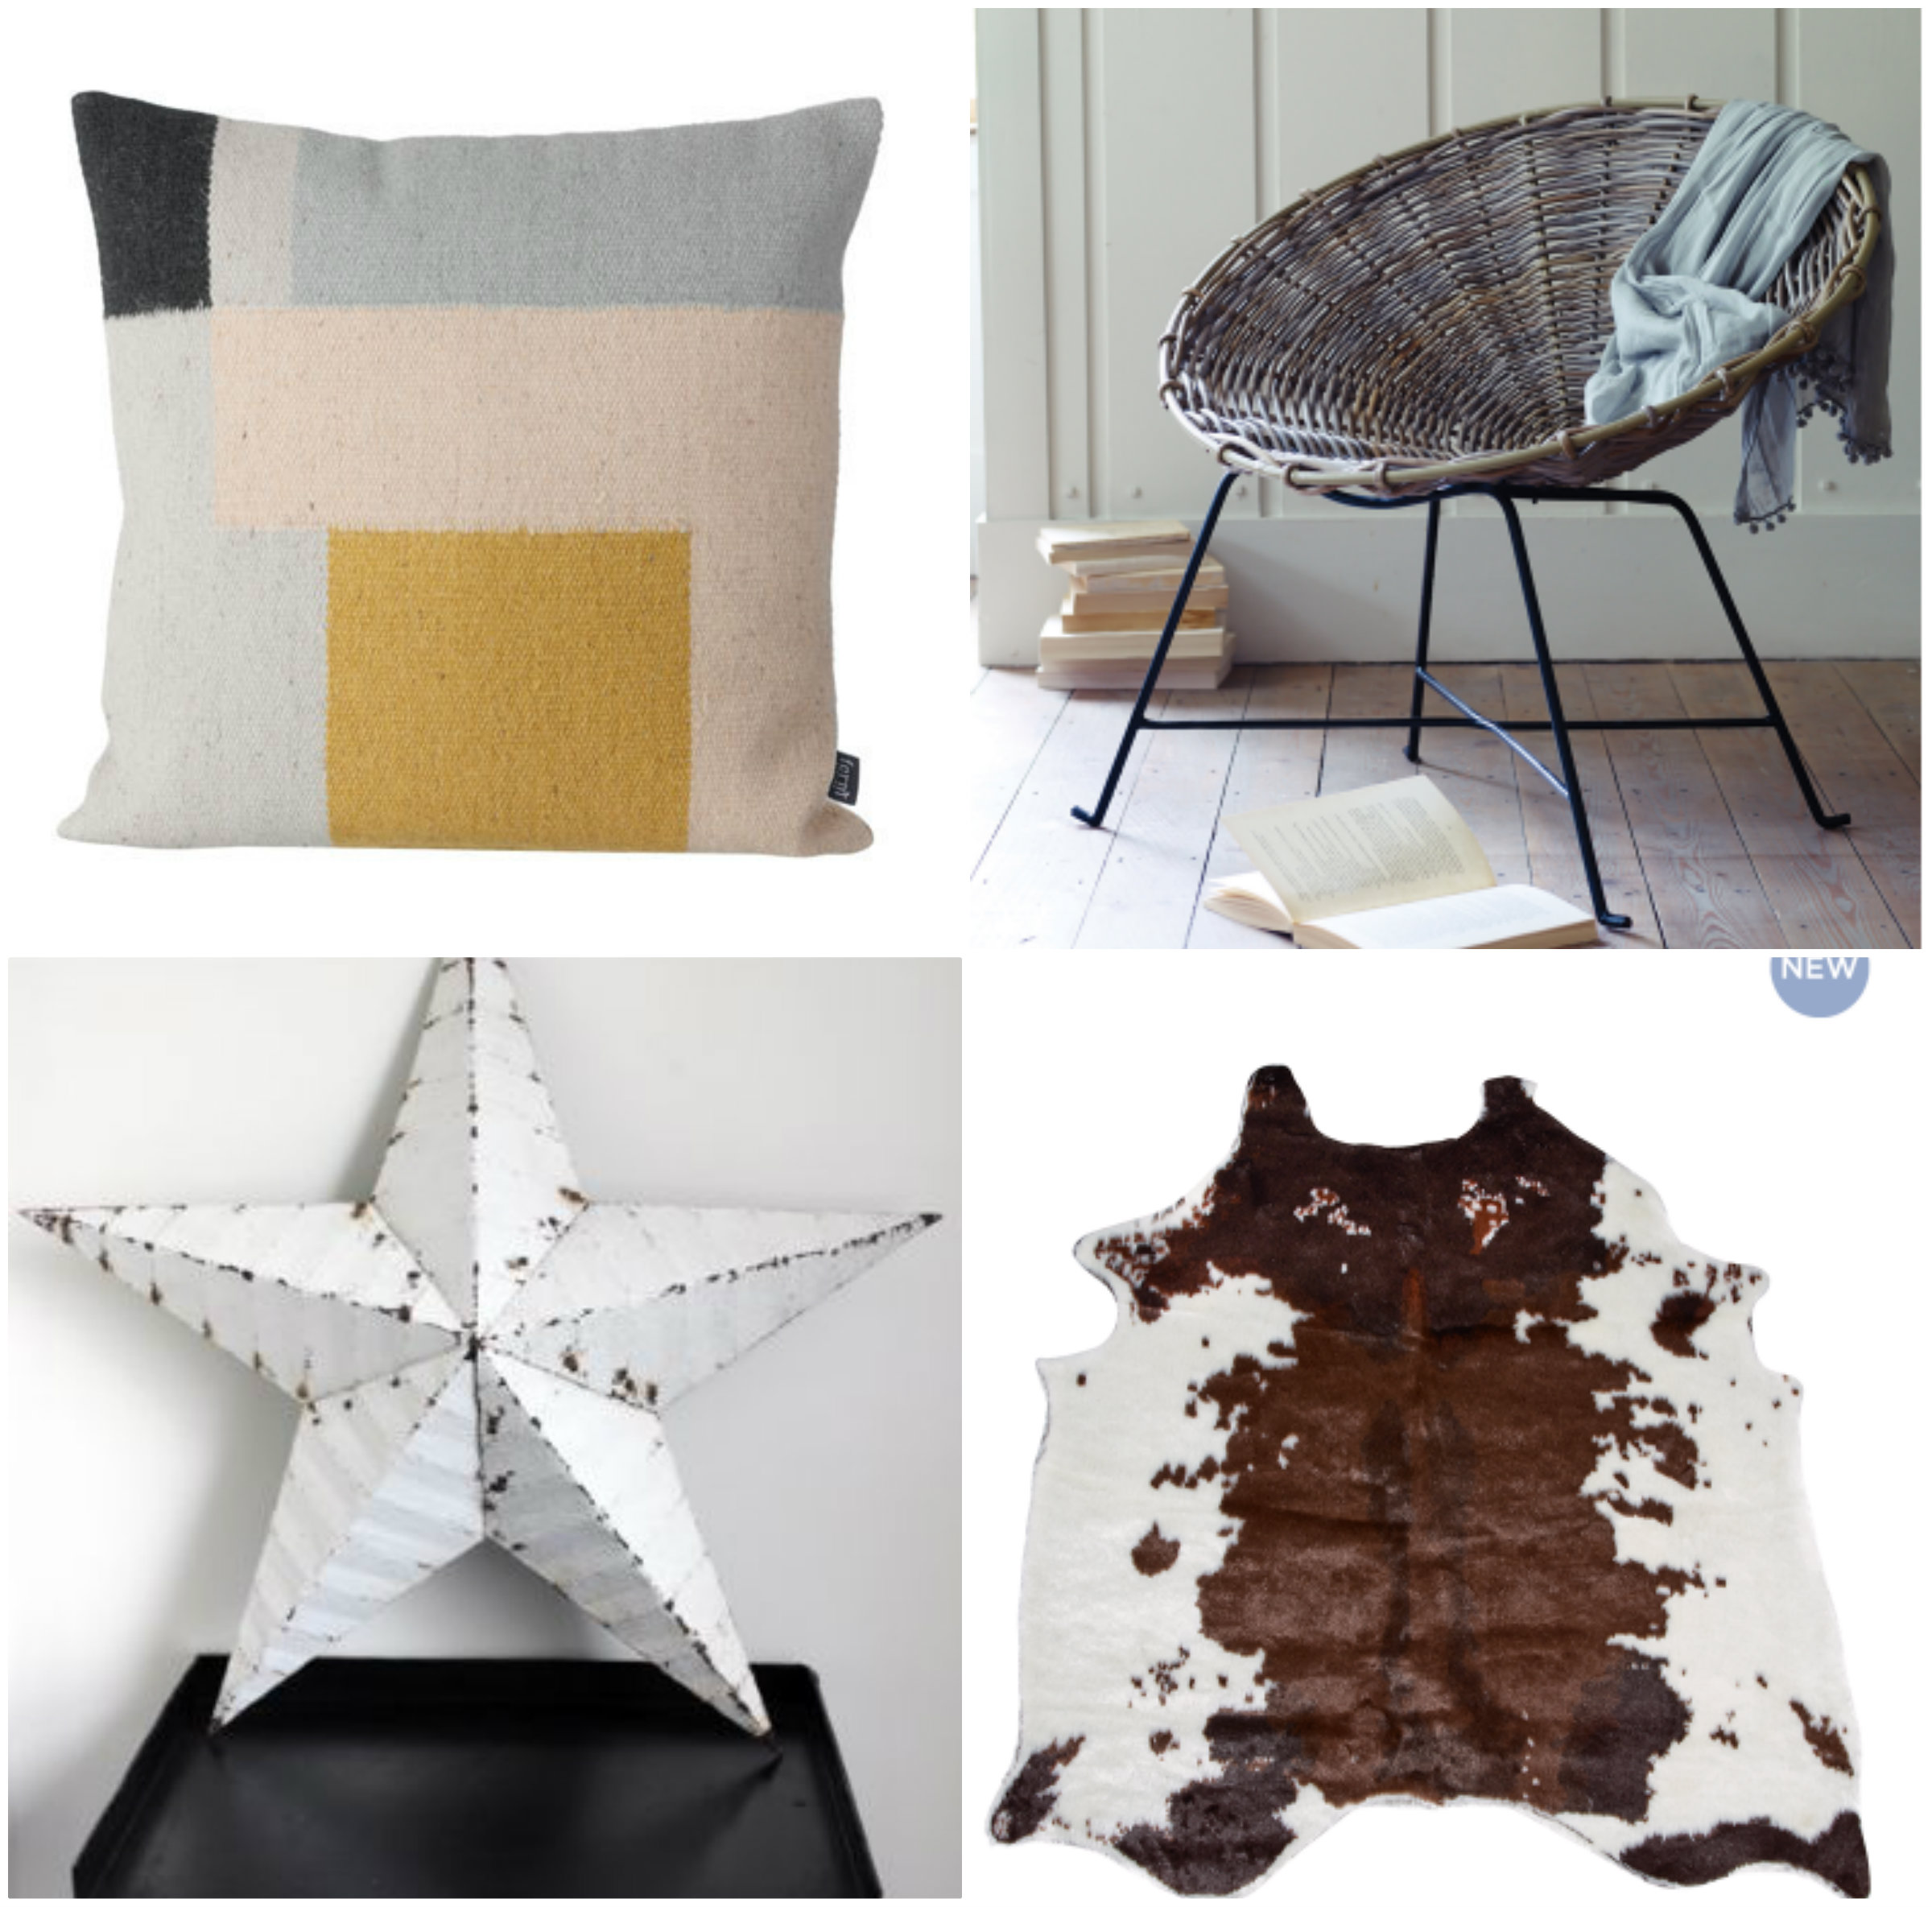 1. Cushion; 2. Wicker cone chair; 3. Faux cow hide; 4. Metal star